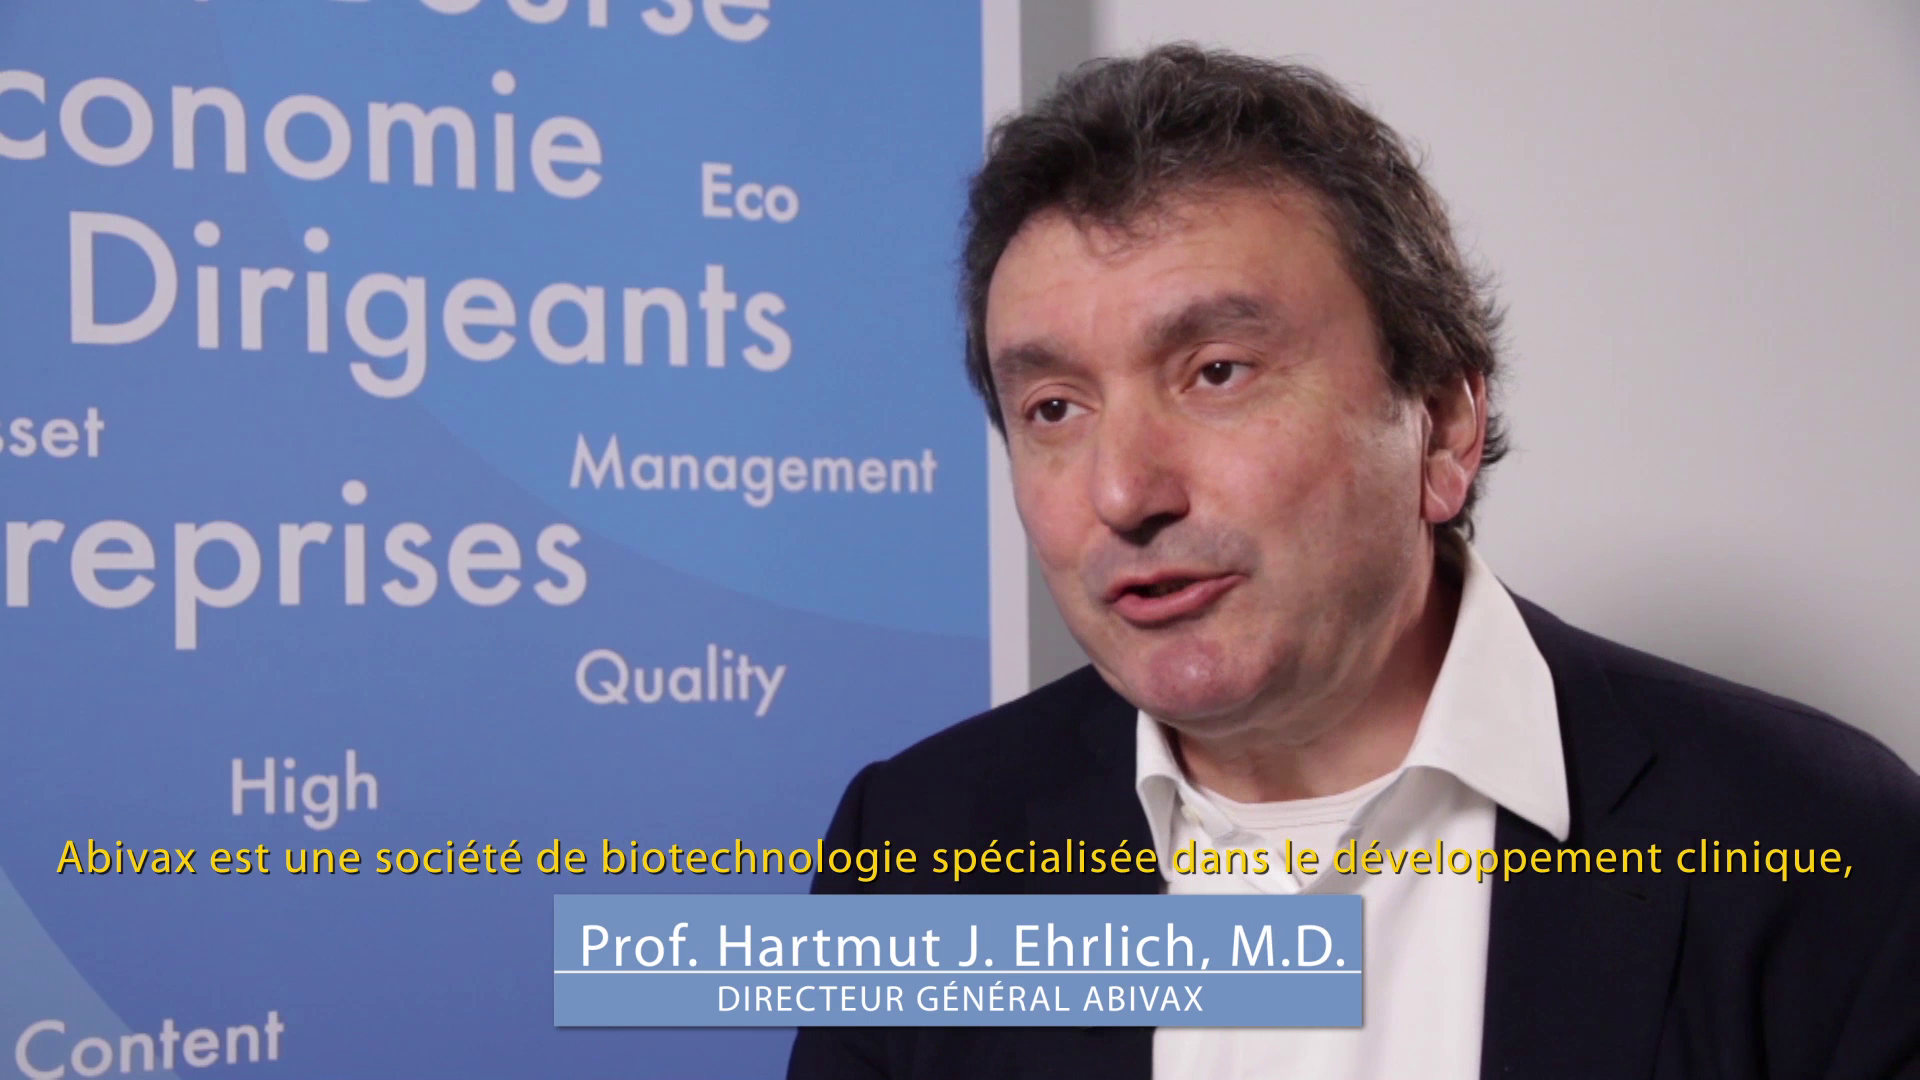 Professeur Hartmut Ehrlich CEO ABIVAX : «Nous allons démarrer la phase finale du développement clinique de notre vaccin thérapeutique contre l'hépatite B chronique»